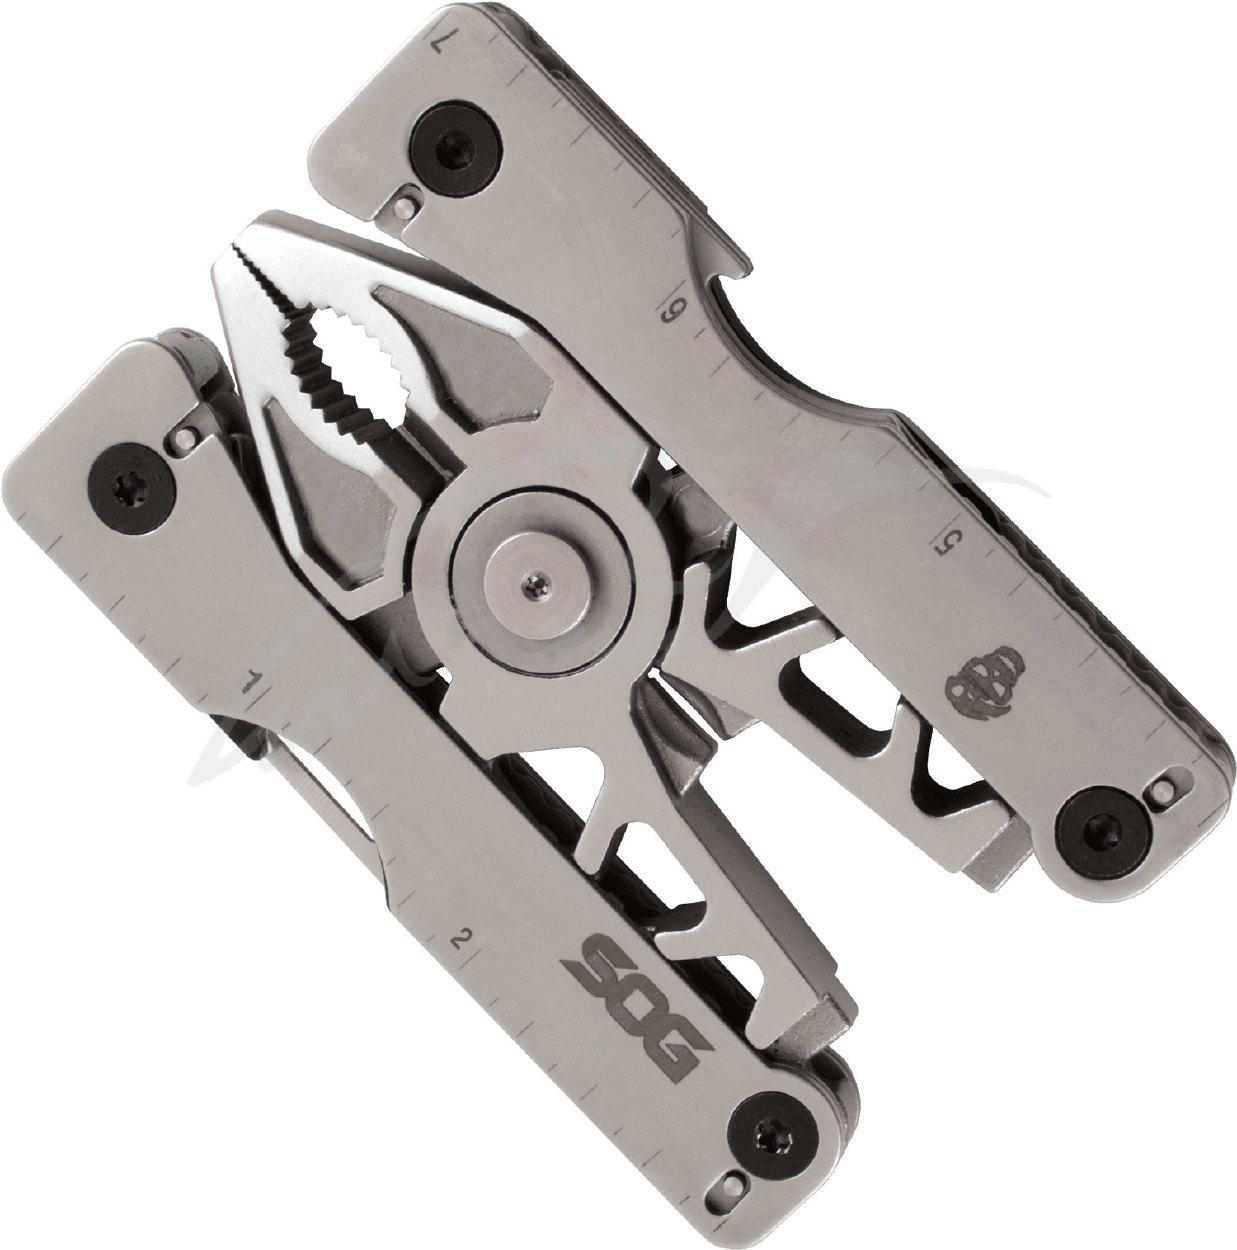 Мультитул SOG Sync II, SG_SN1011Охотнику<br>SOG Sync – серия компактных мультитулов со съёмным основанием, которое можно использовать в качестве пряжки для ремня или просто закреплять на элементах одежды и экипировки с помощью клипсы. Хотя инструмент можно удобно отсоединить от основания одной рукой, он остается заблокированным и надежно зафиксированным на креплении при активном движении, когда это не требуется. Модели Sync I и Sync II отличаются размерами и набором инструментов.<br>SOG Sync I подходит для ремней шириной до 3,5 см, Sync II до 4,5 см.<br>Инструменты SOG Sync I:<br>Плоскогубцы, резак для мягкой проволоки, нож, открывашка, трехсторонний напильник, «ювелирная» отвертка, маленькая плоская отвертка, шило, линейка.<br>Инструменты SOG Sync II:<br>Плоскогубцы, резак для мягкой проволоки, нож, открывашка, трехсторонний напильник, маленькая плоская отвертка, средняя плоская отвертка, крестообразная отвертка, ножницы, линейка.<br>